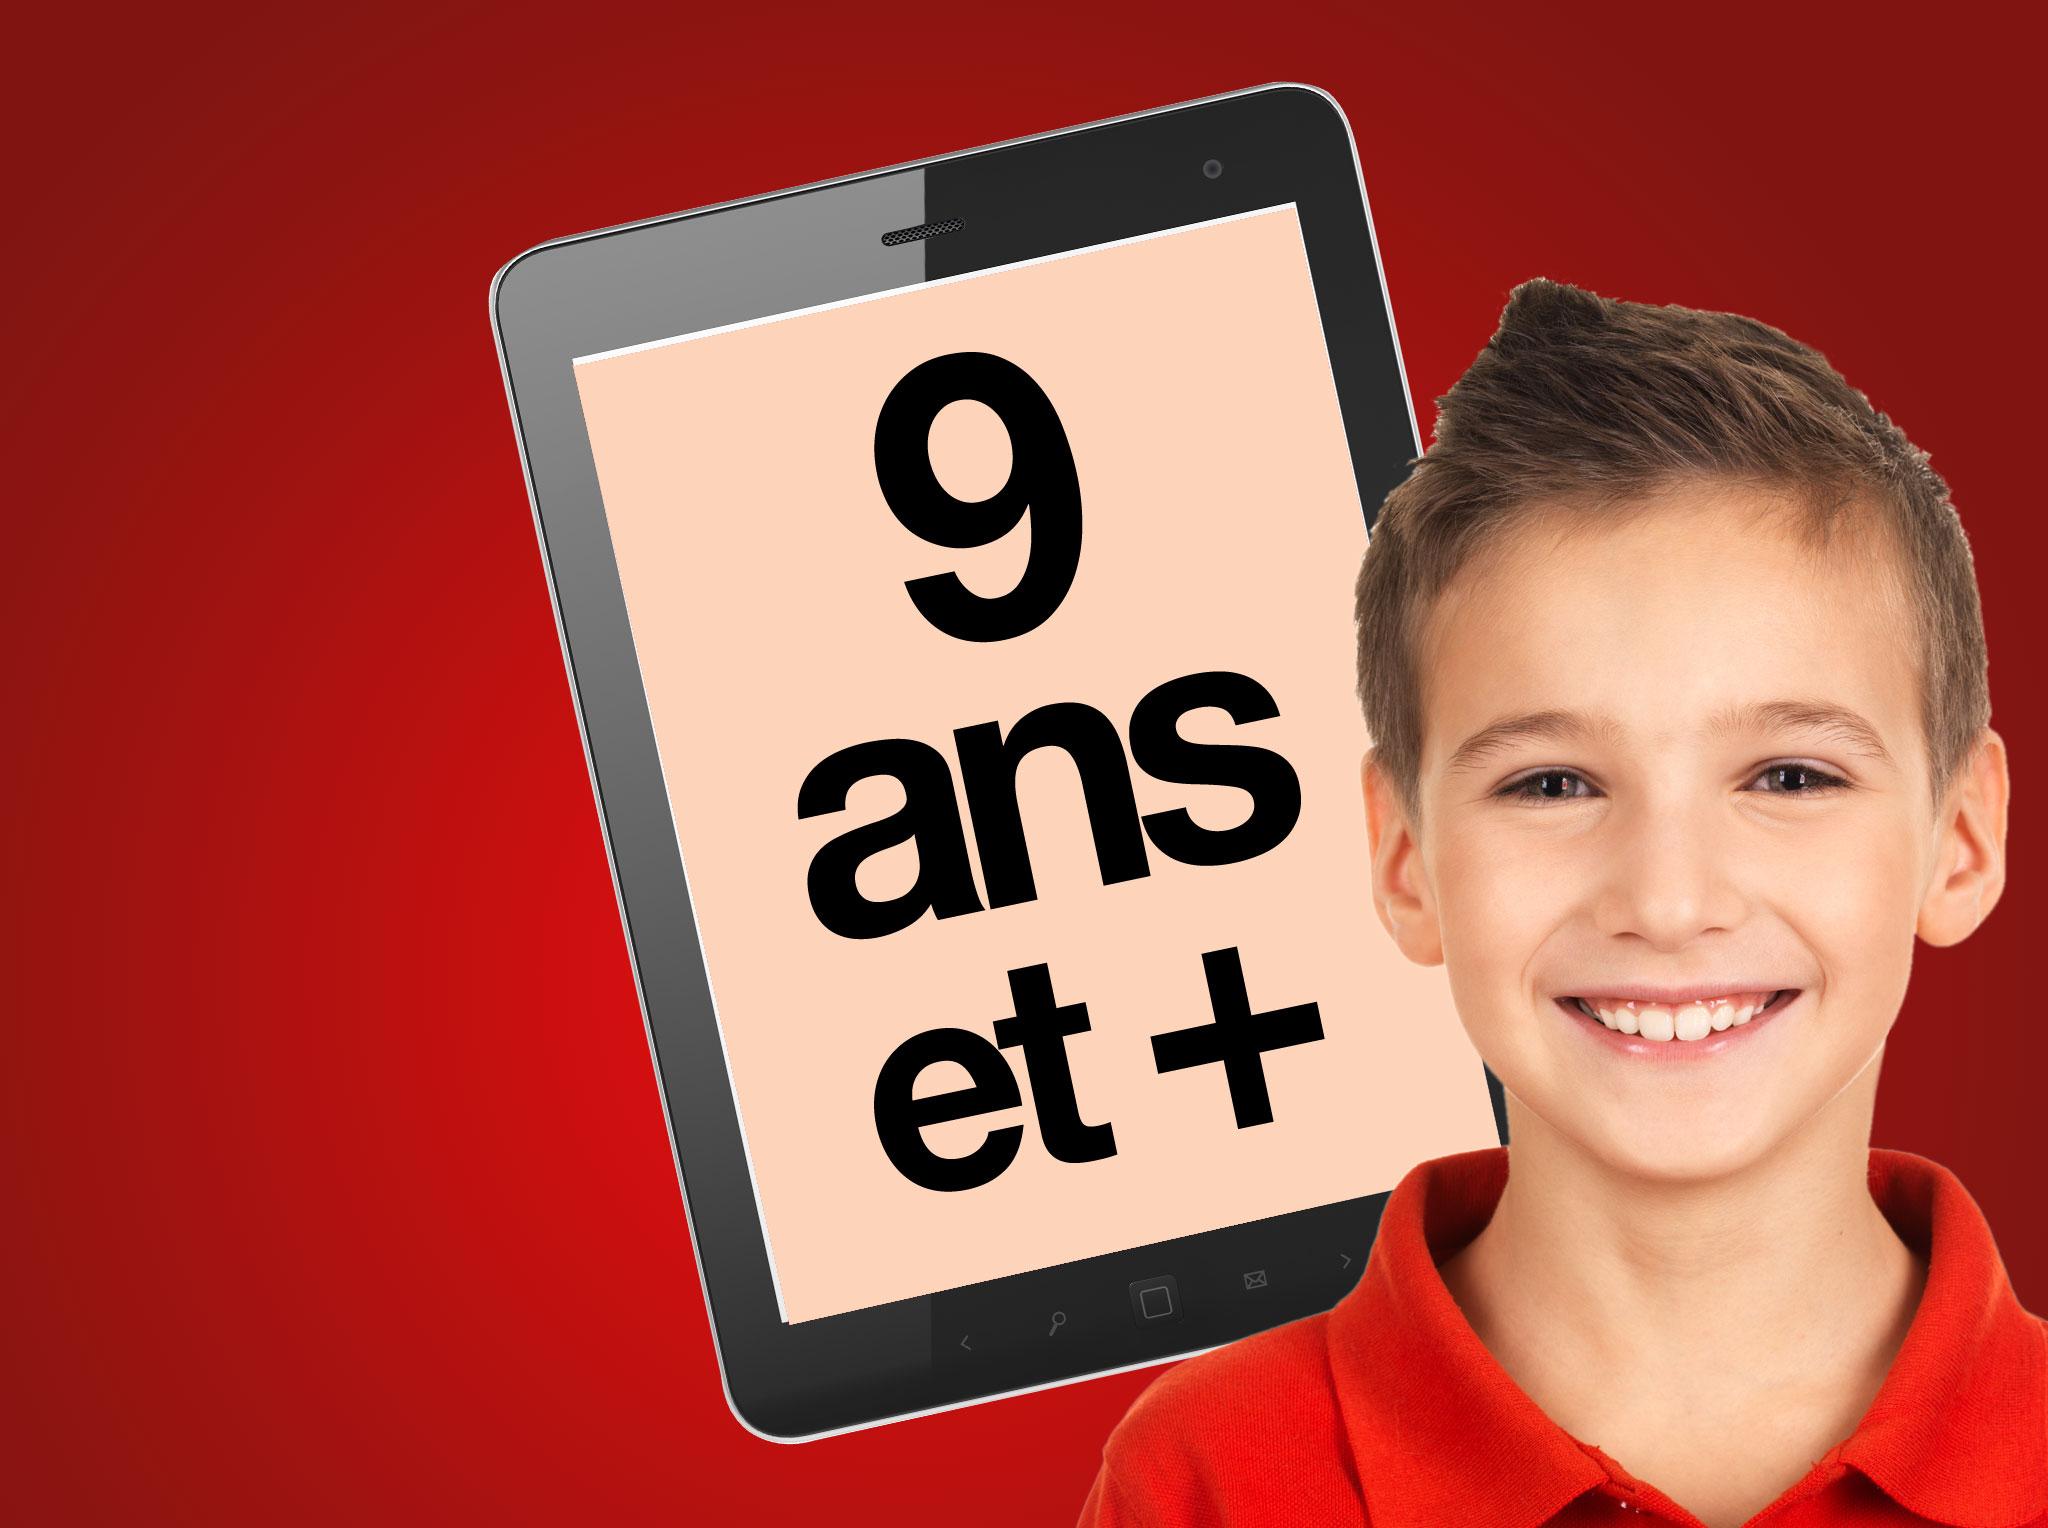 Jeux Sur Tablette: 64 Choix Pour Enfants | Protégez-Vous.ca intérieur Jeux Gratuit Pour Garçon De 5 Ans